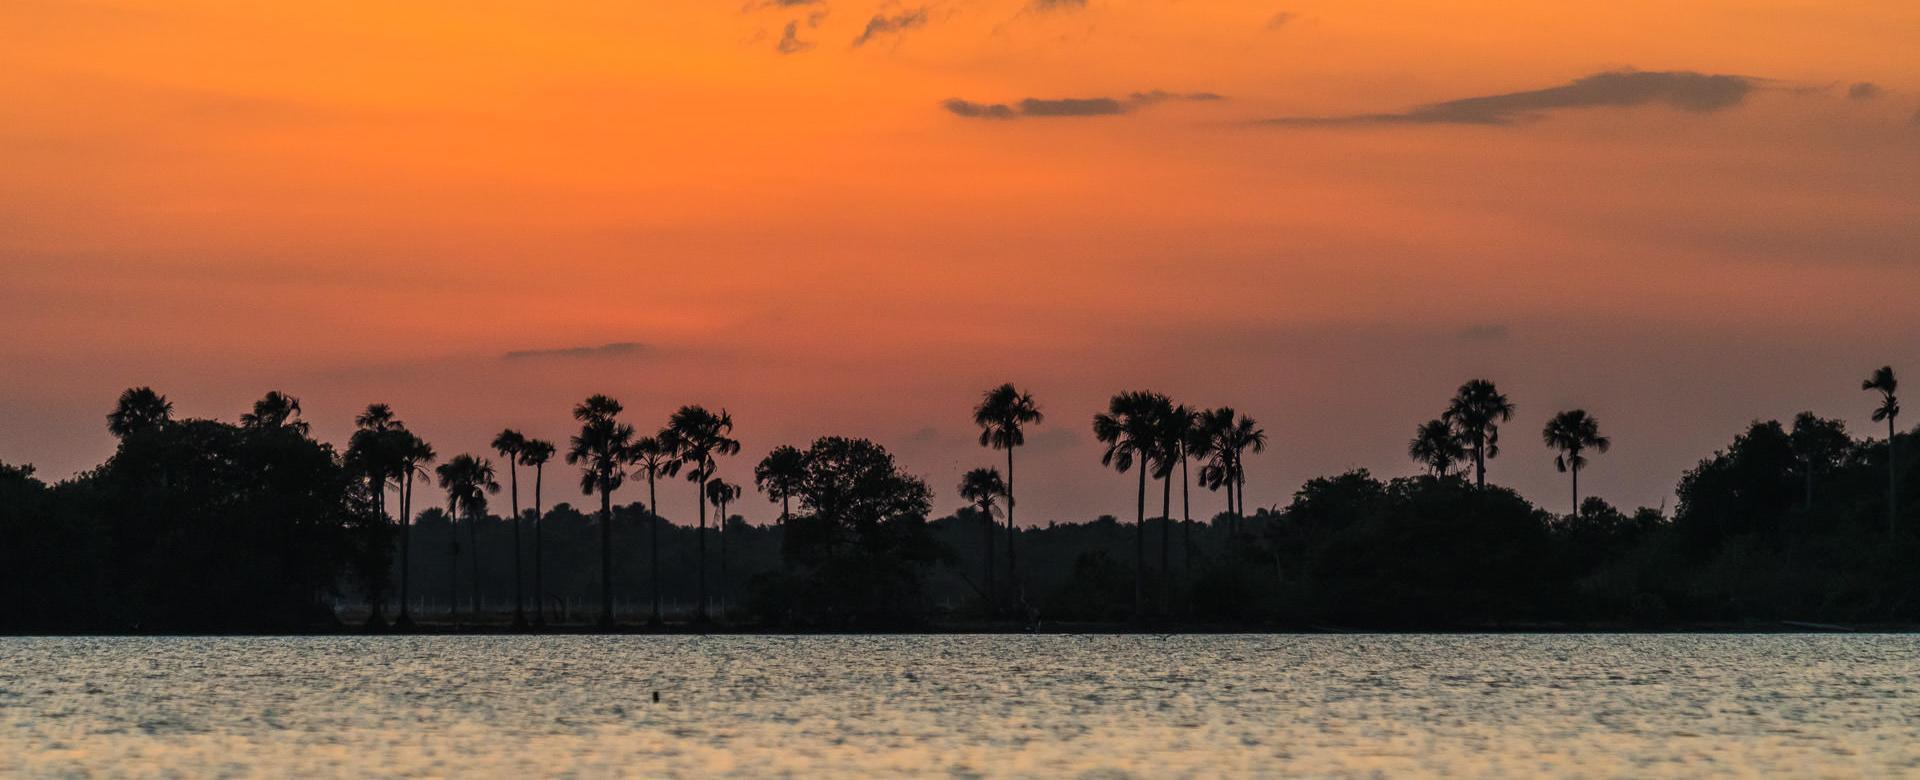 Voyage sur l'eau : Llanos, la région du café et carthagène